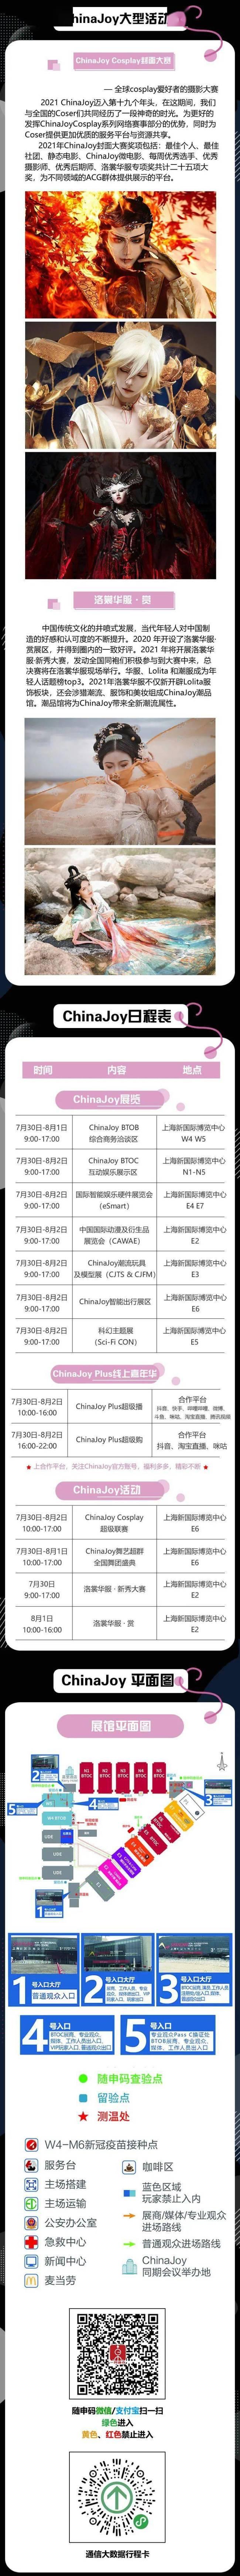 2021年第十九届ChinaJoy展前预览展览活动篇发布!